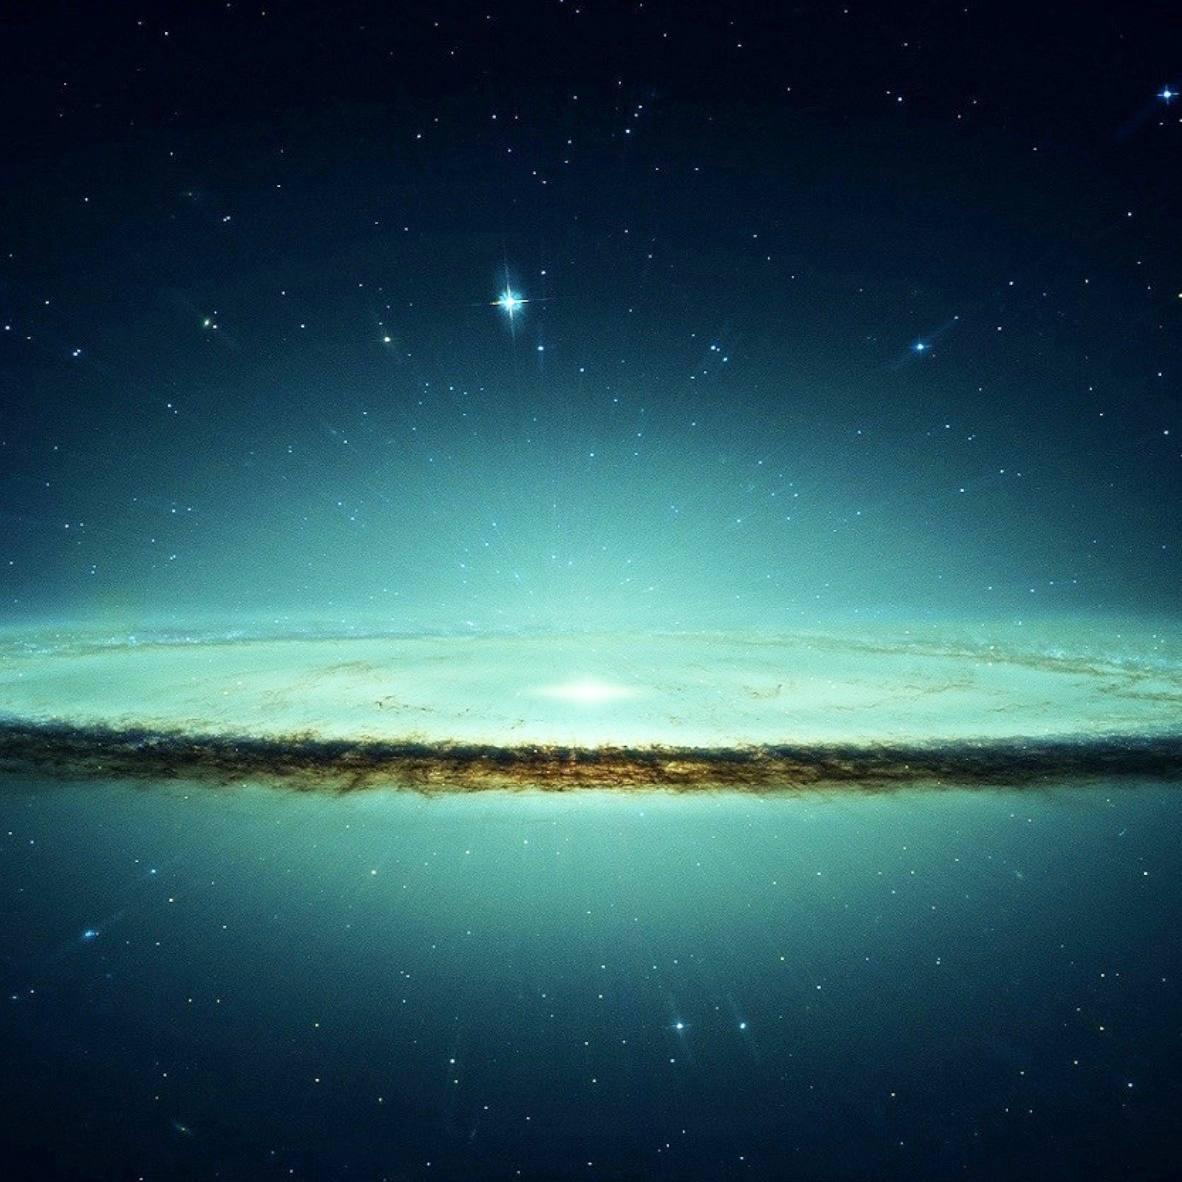 Во Вселенной не существует случайностей. Твои прошлые уроки вскоре вернуться...